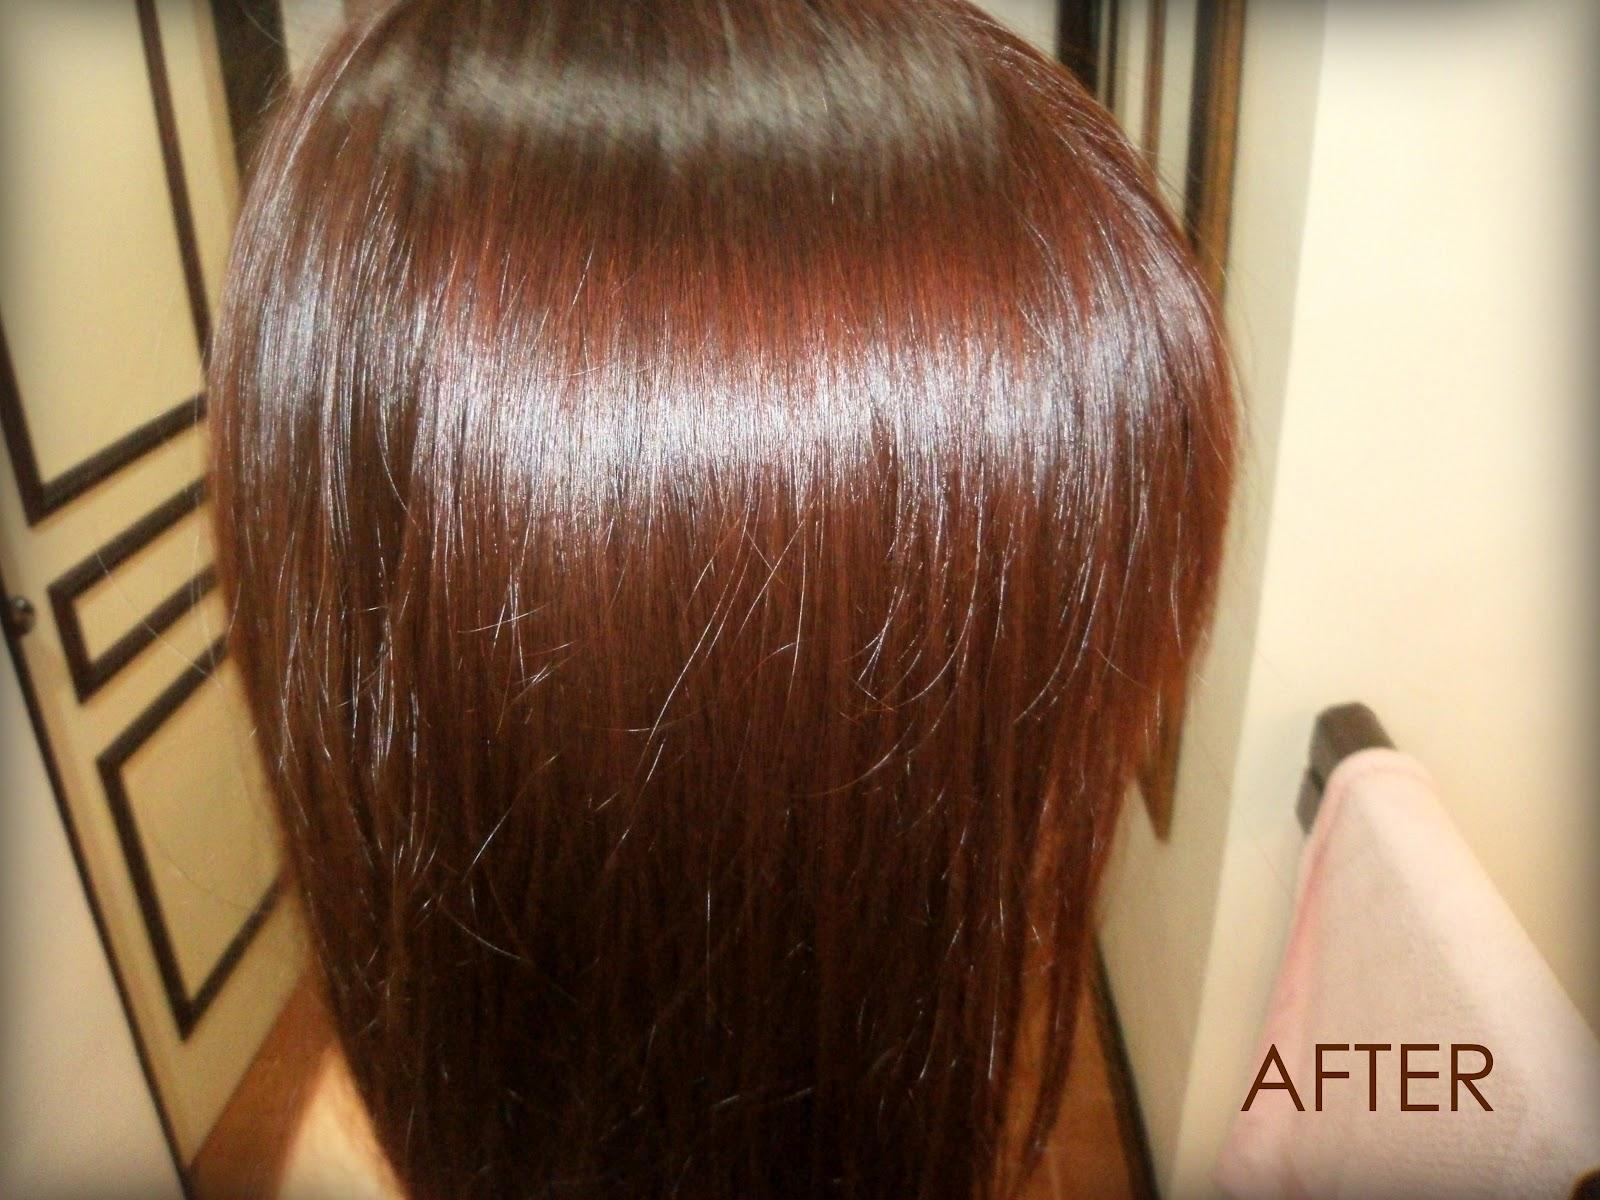 Dark Mocha Hair Color My hair is shiny and silky